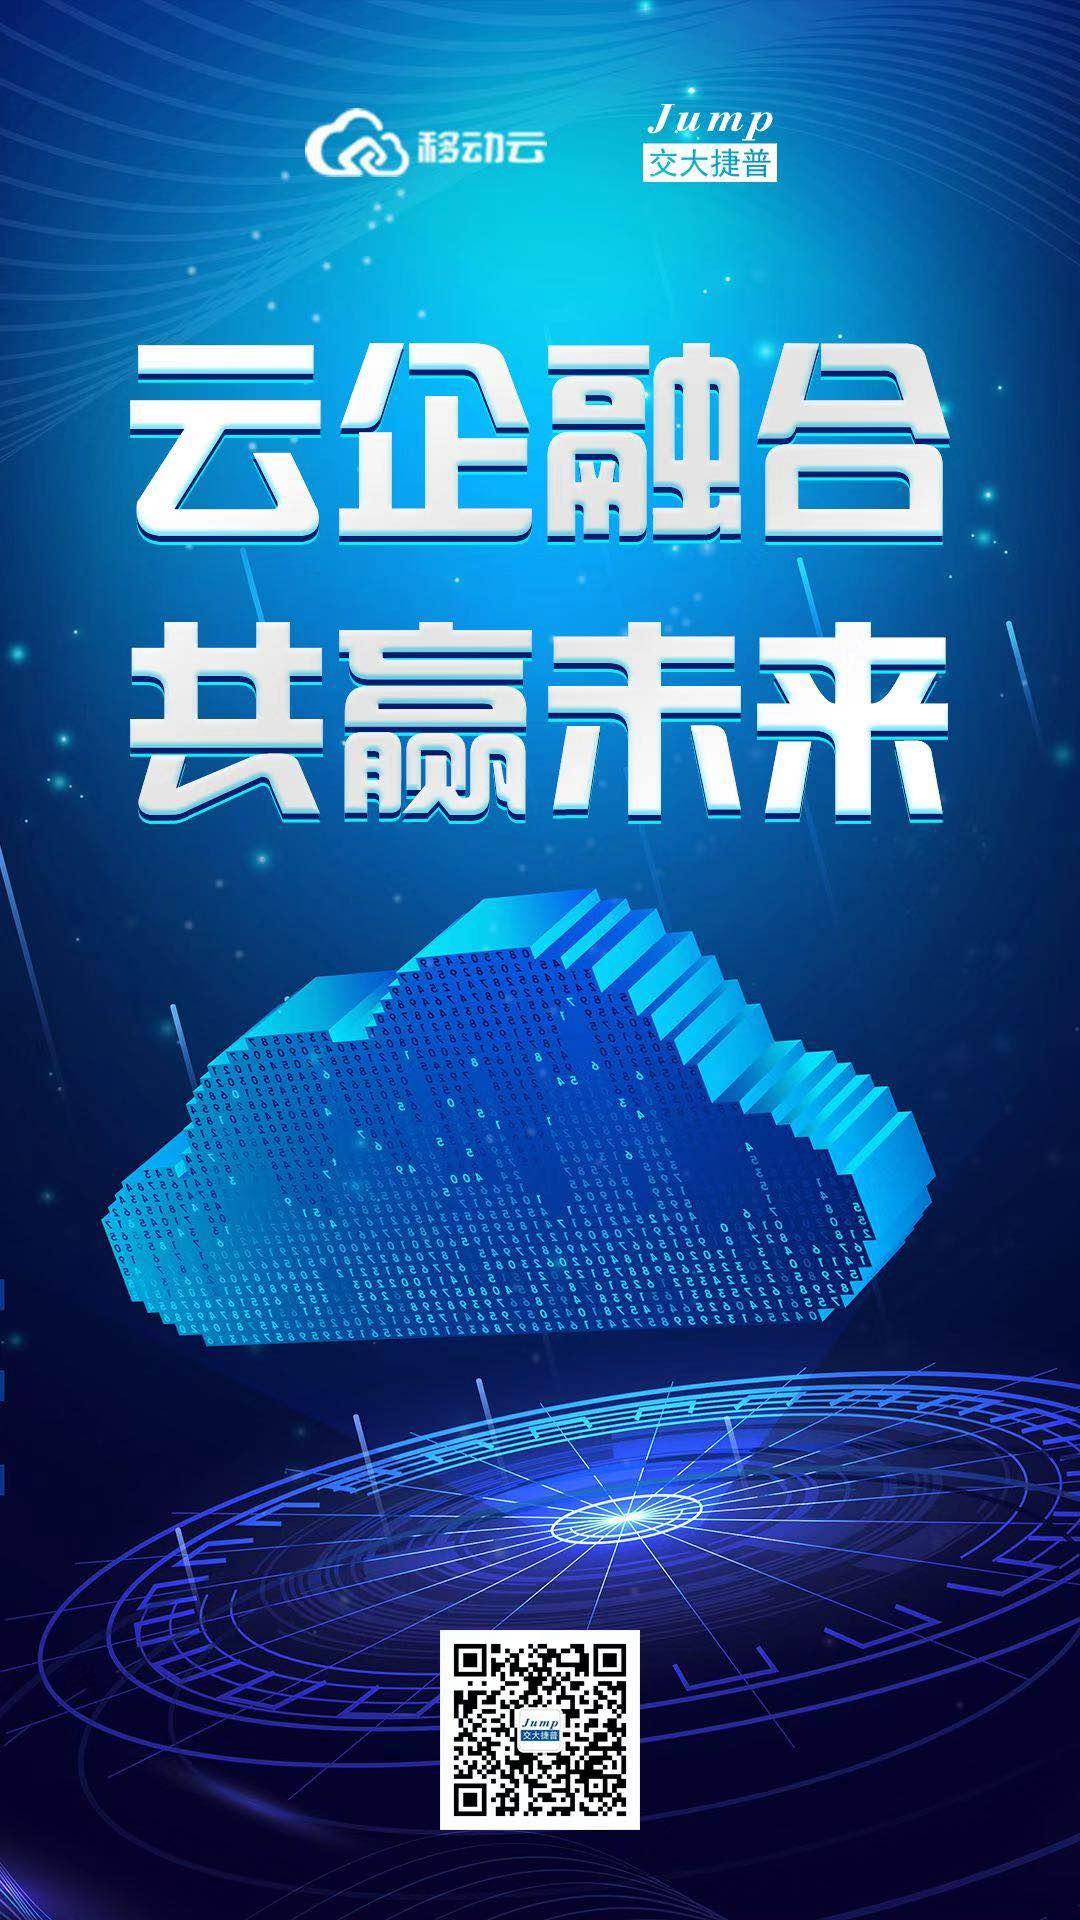 交大捷普与移动云战略合作 布局云安全市场